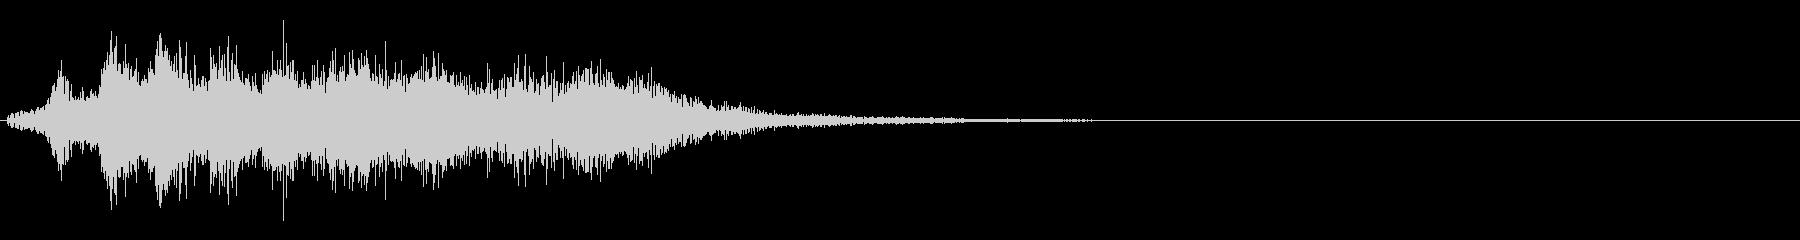 スーパー、テロップ等向けの電子音の未再生の波形